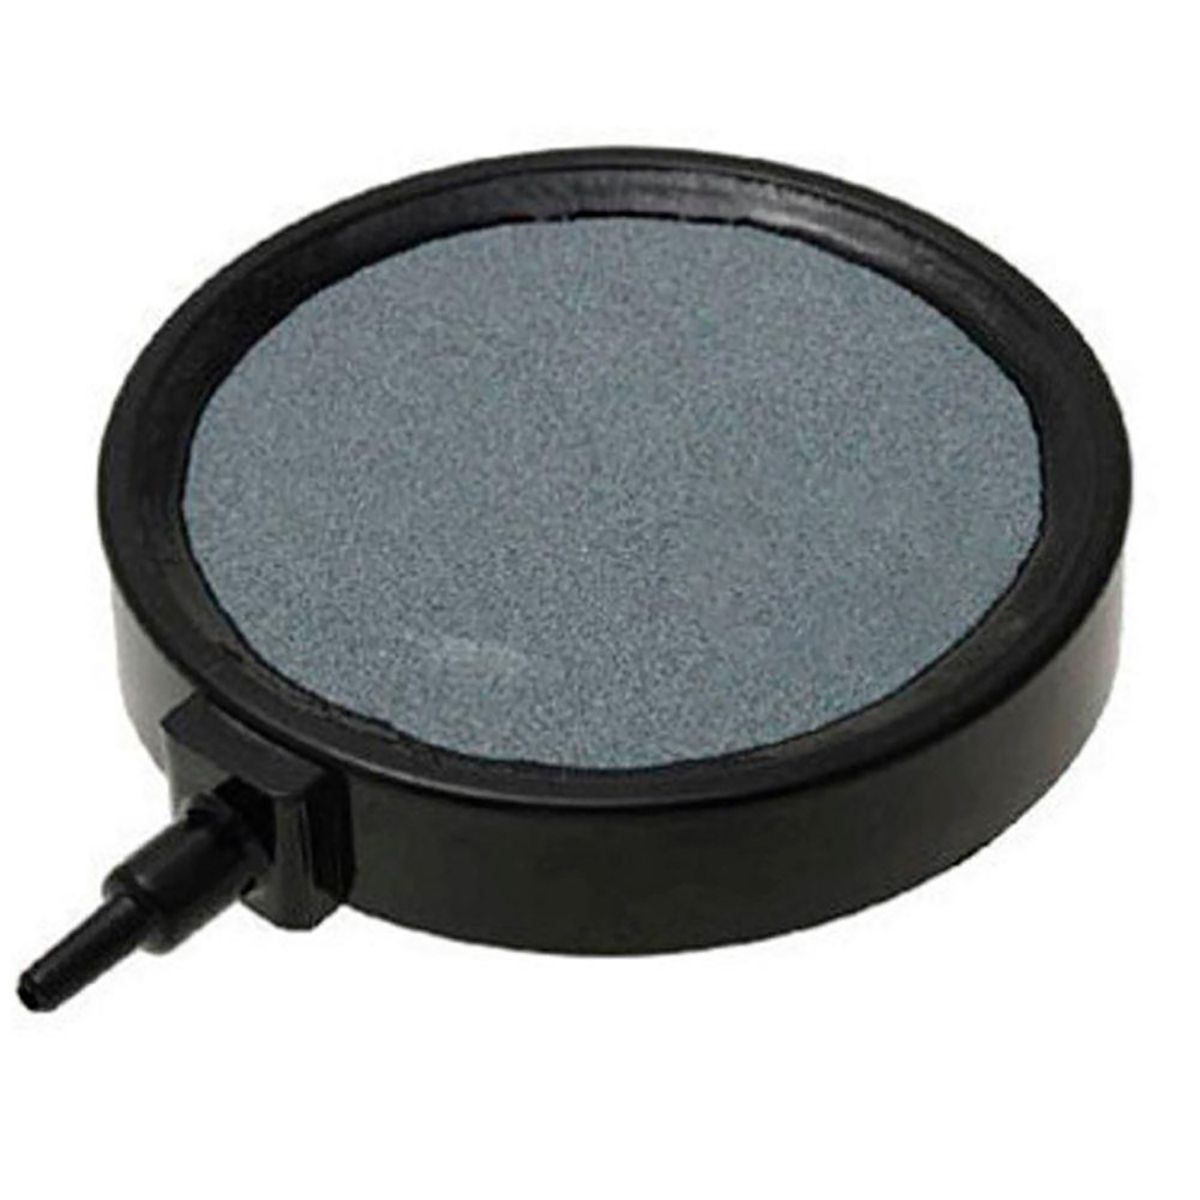 Shanda As-03 Pedra Porosa Pequena Redonda Aquario Compressor